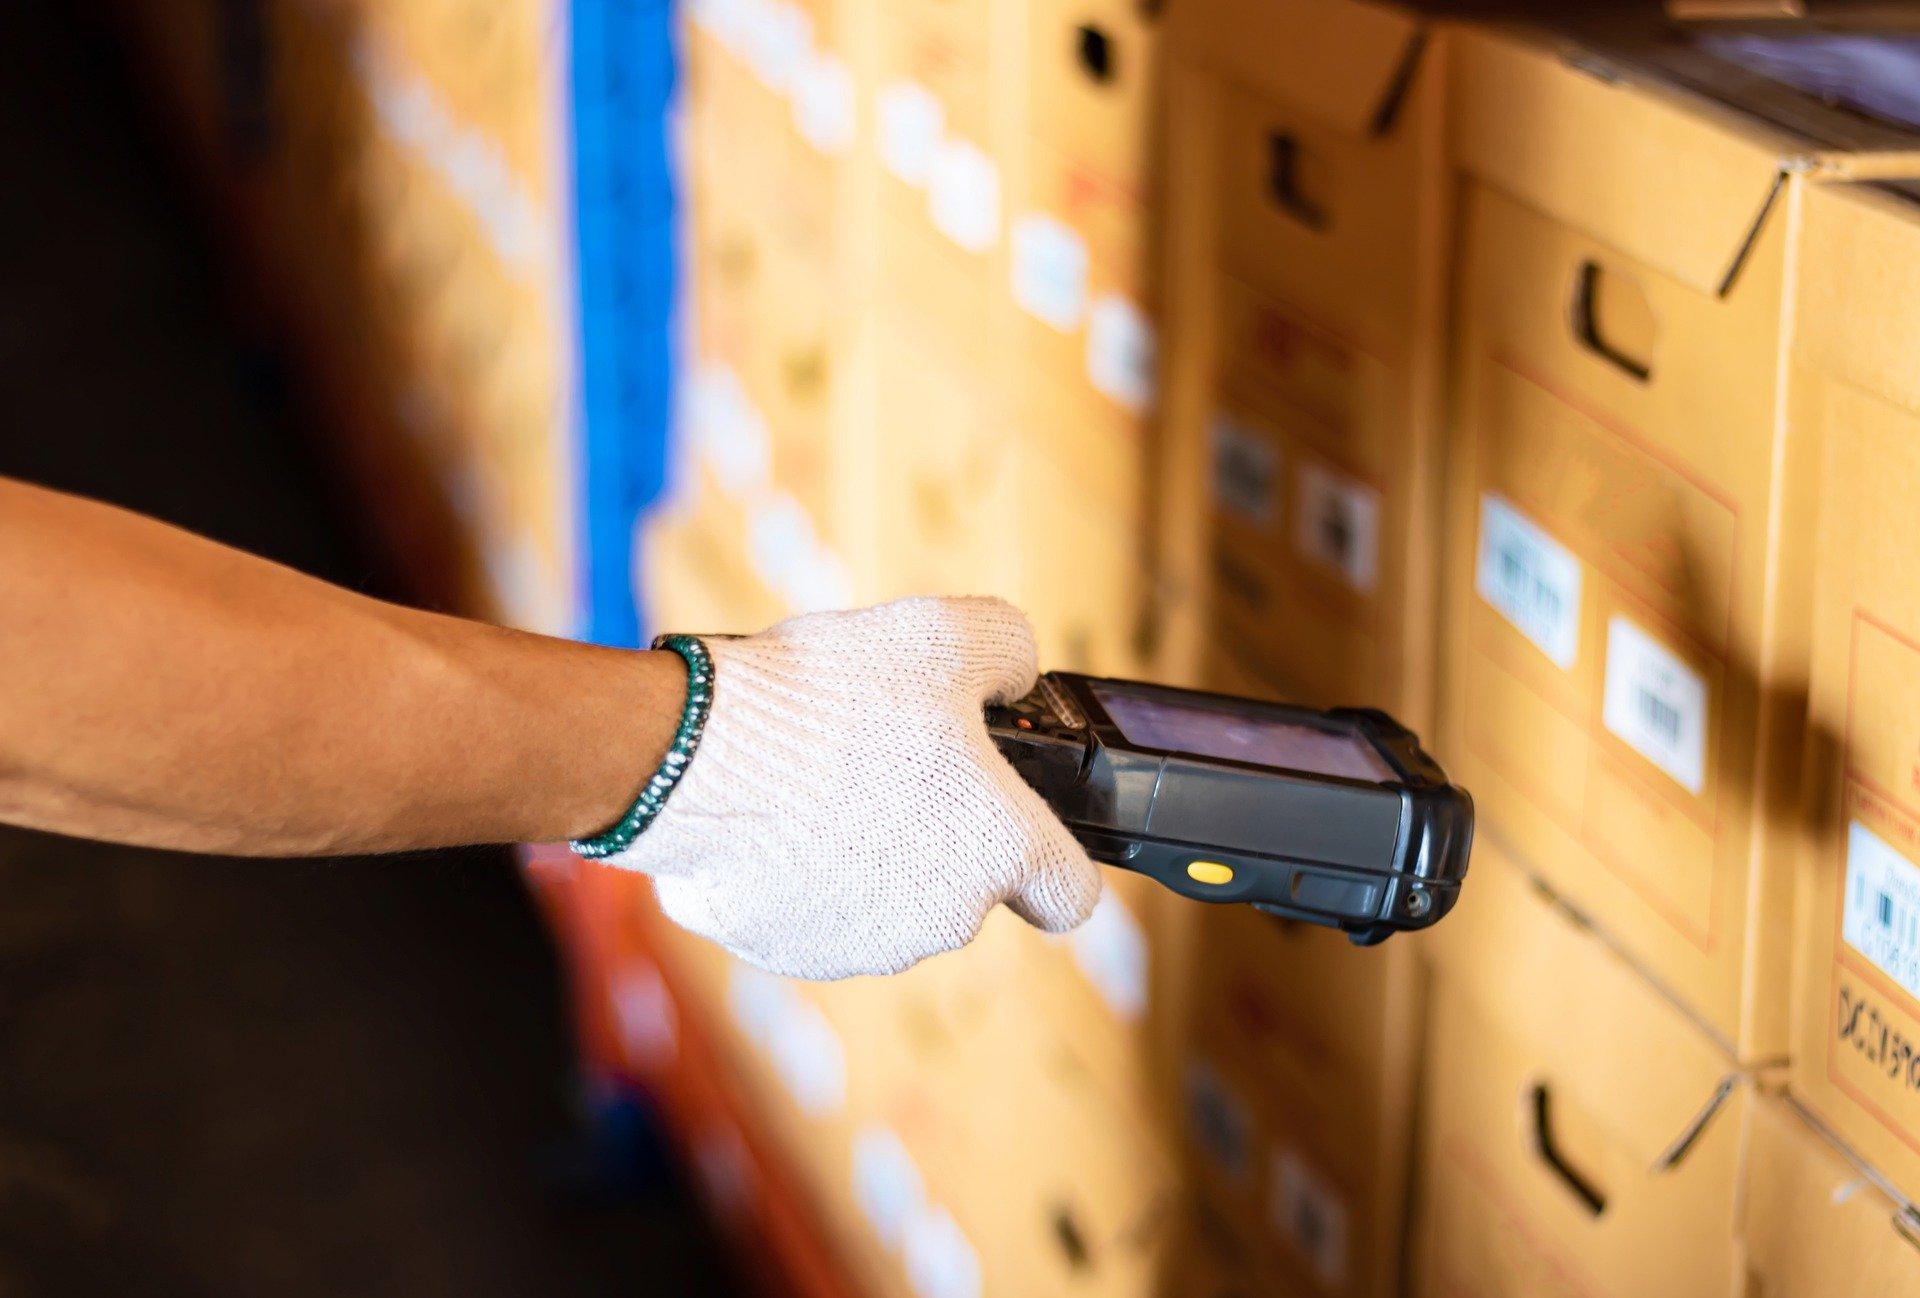 mobiler Handscanner